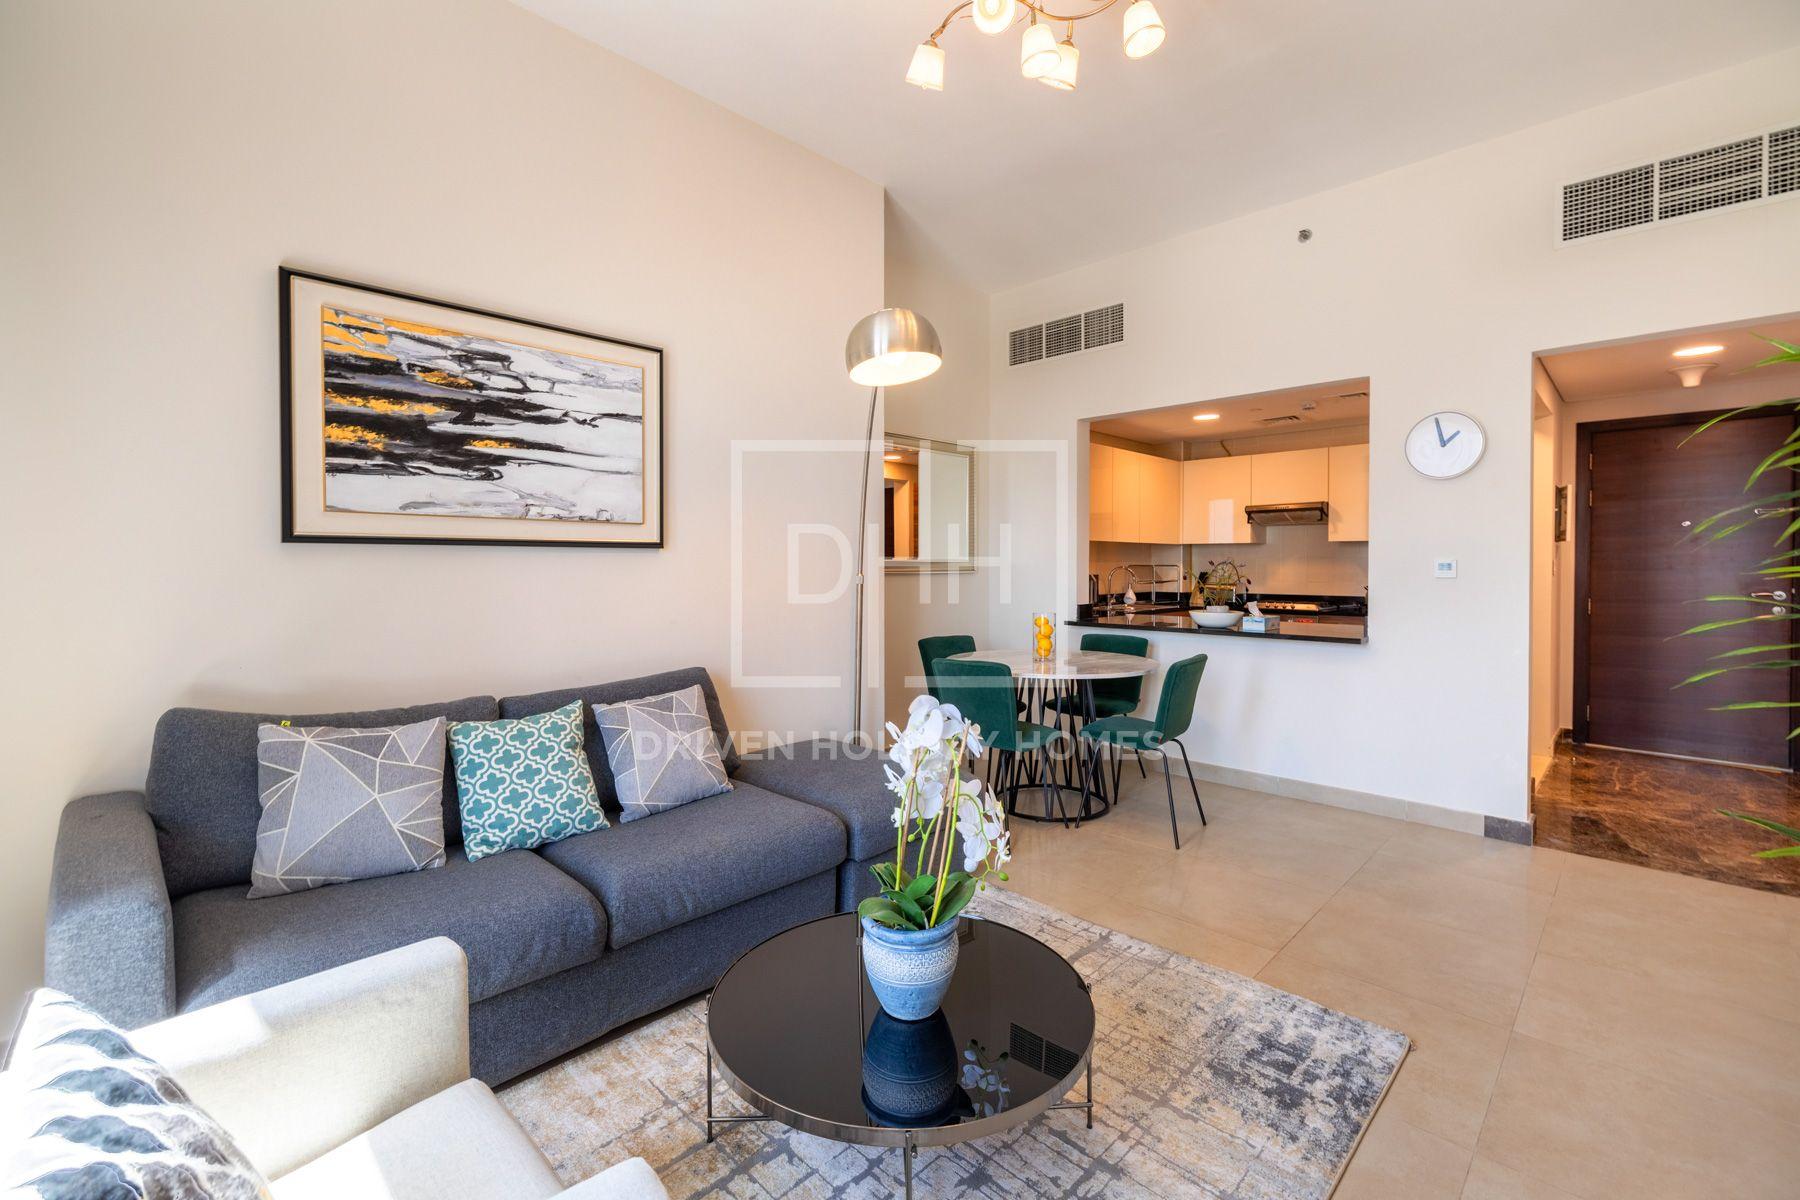 860 قدم مربع  شقة - للايجار - دبي مارينا